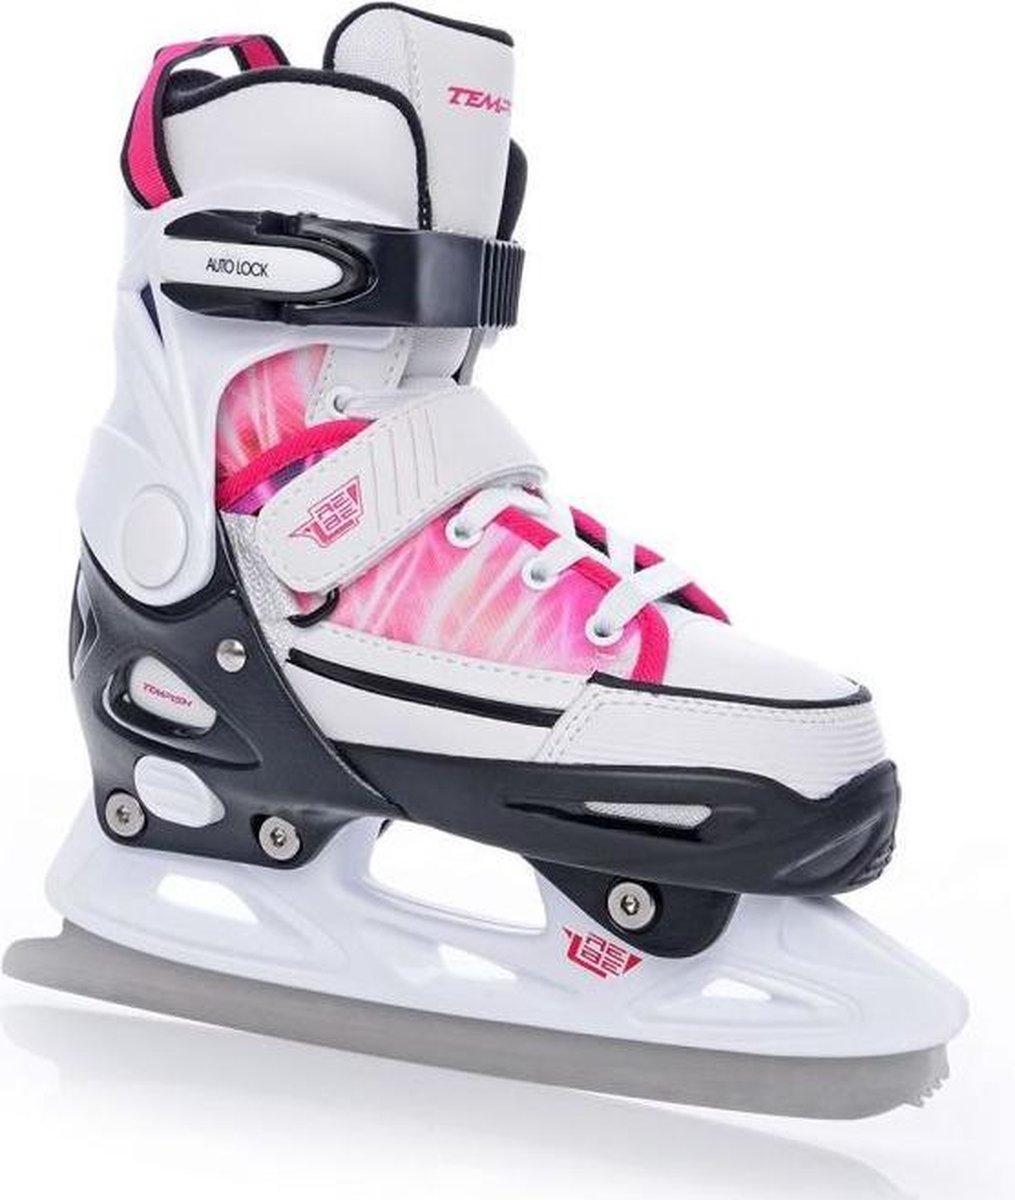 Tempish - Rebel ice one pro girl - Verstelbare schaatsen - Maat 40-43 - Roze